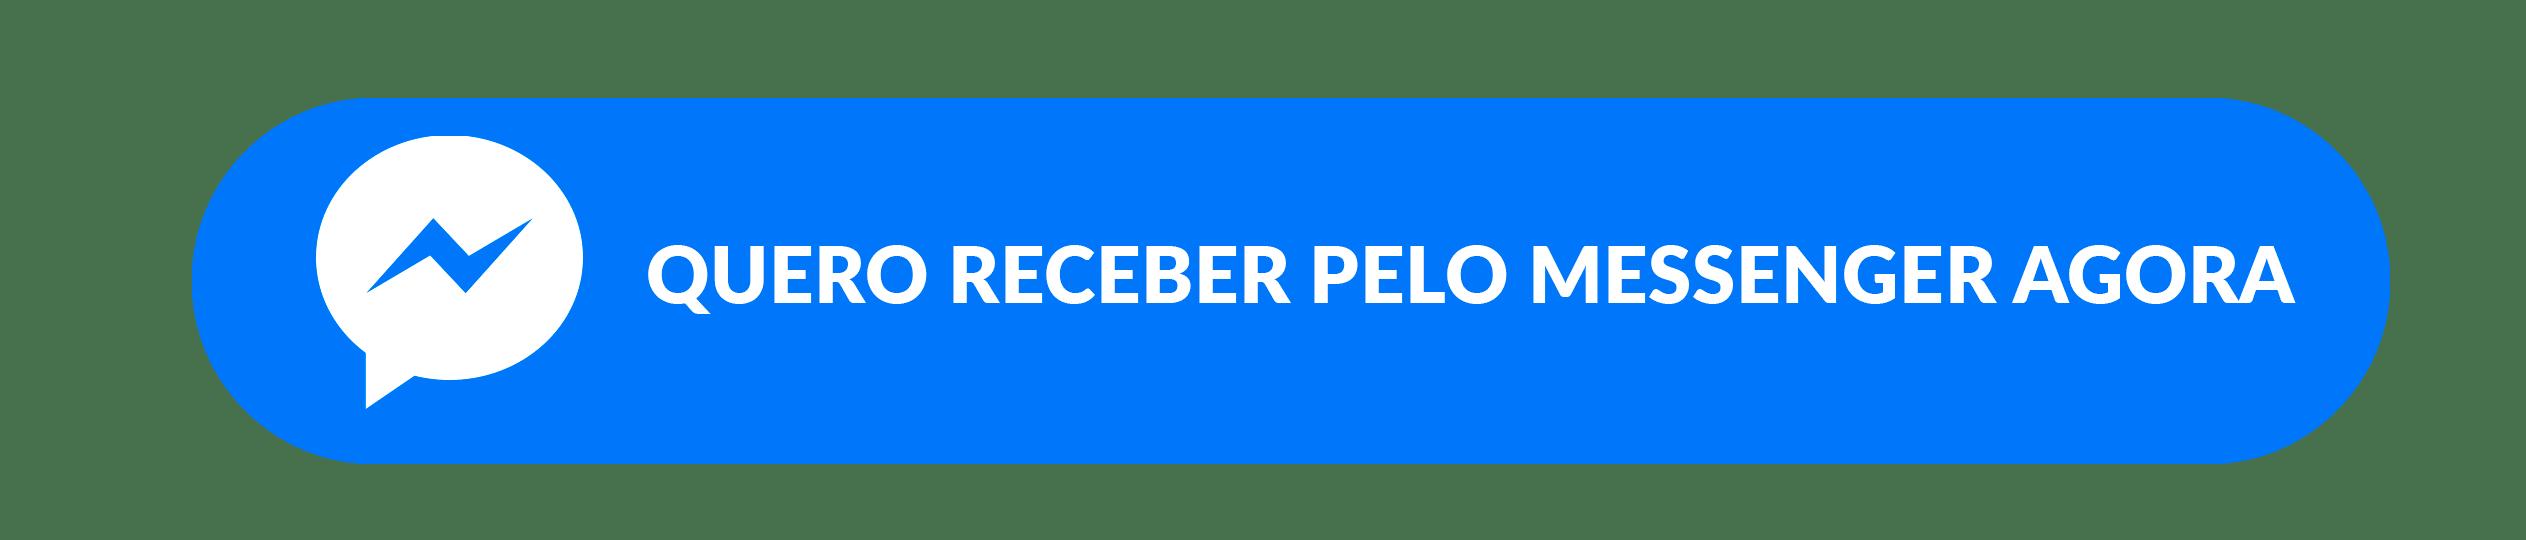 RECEBER LOTOFÁCIL Q15 PELO FACEBOOK